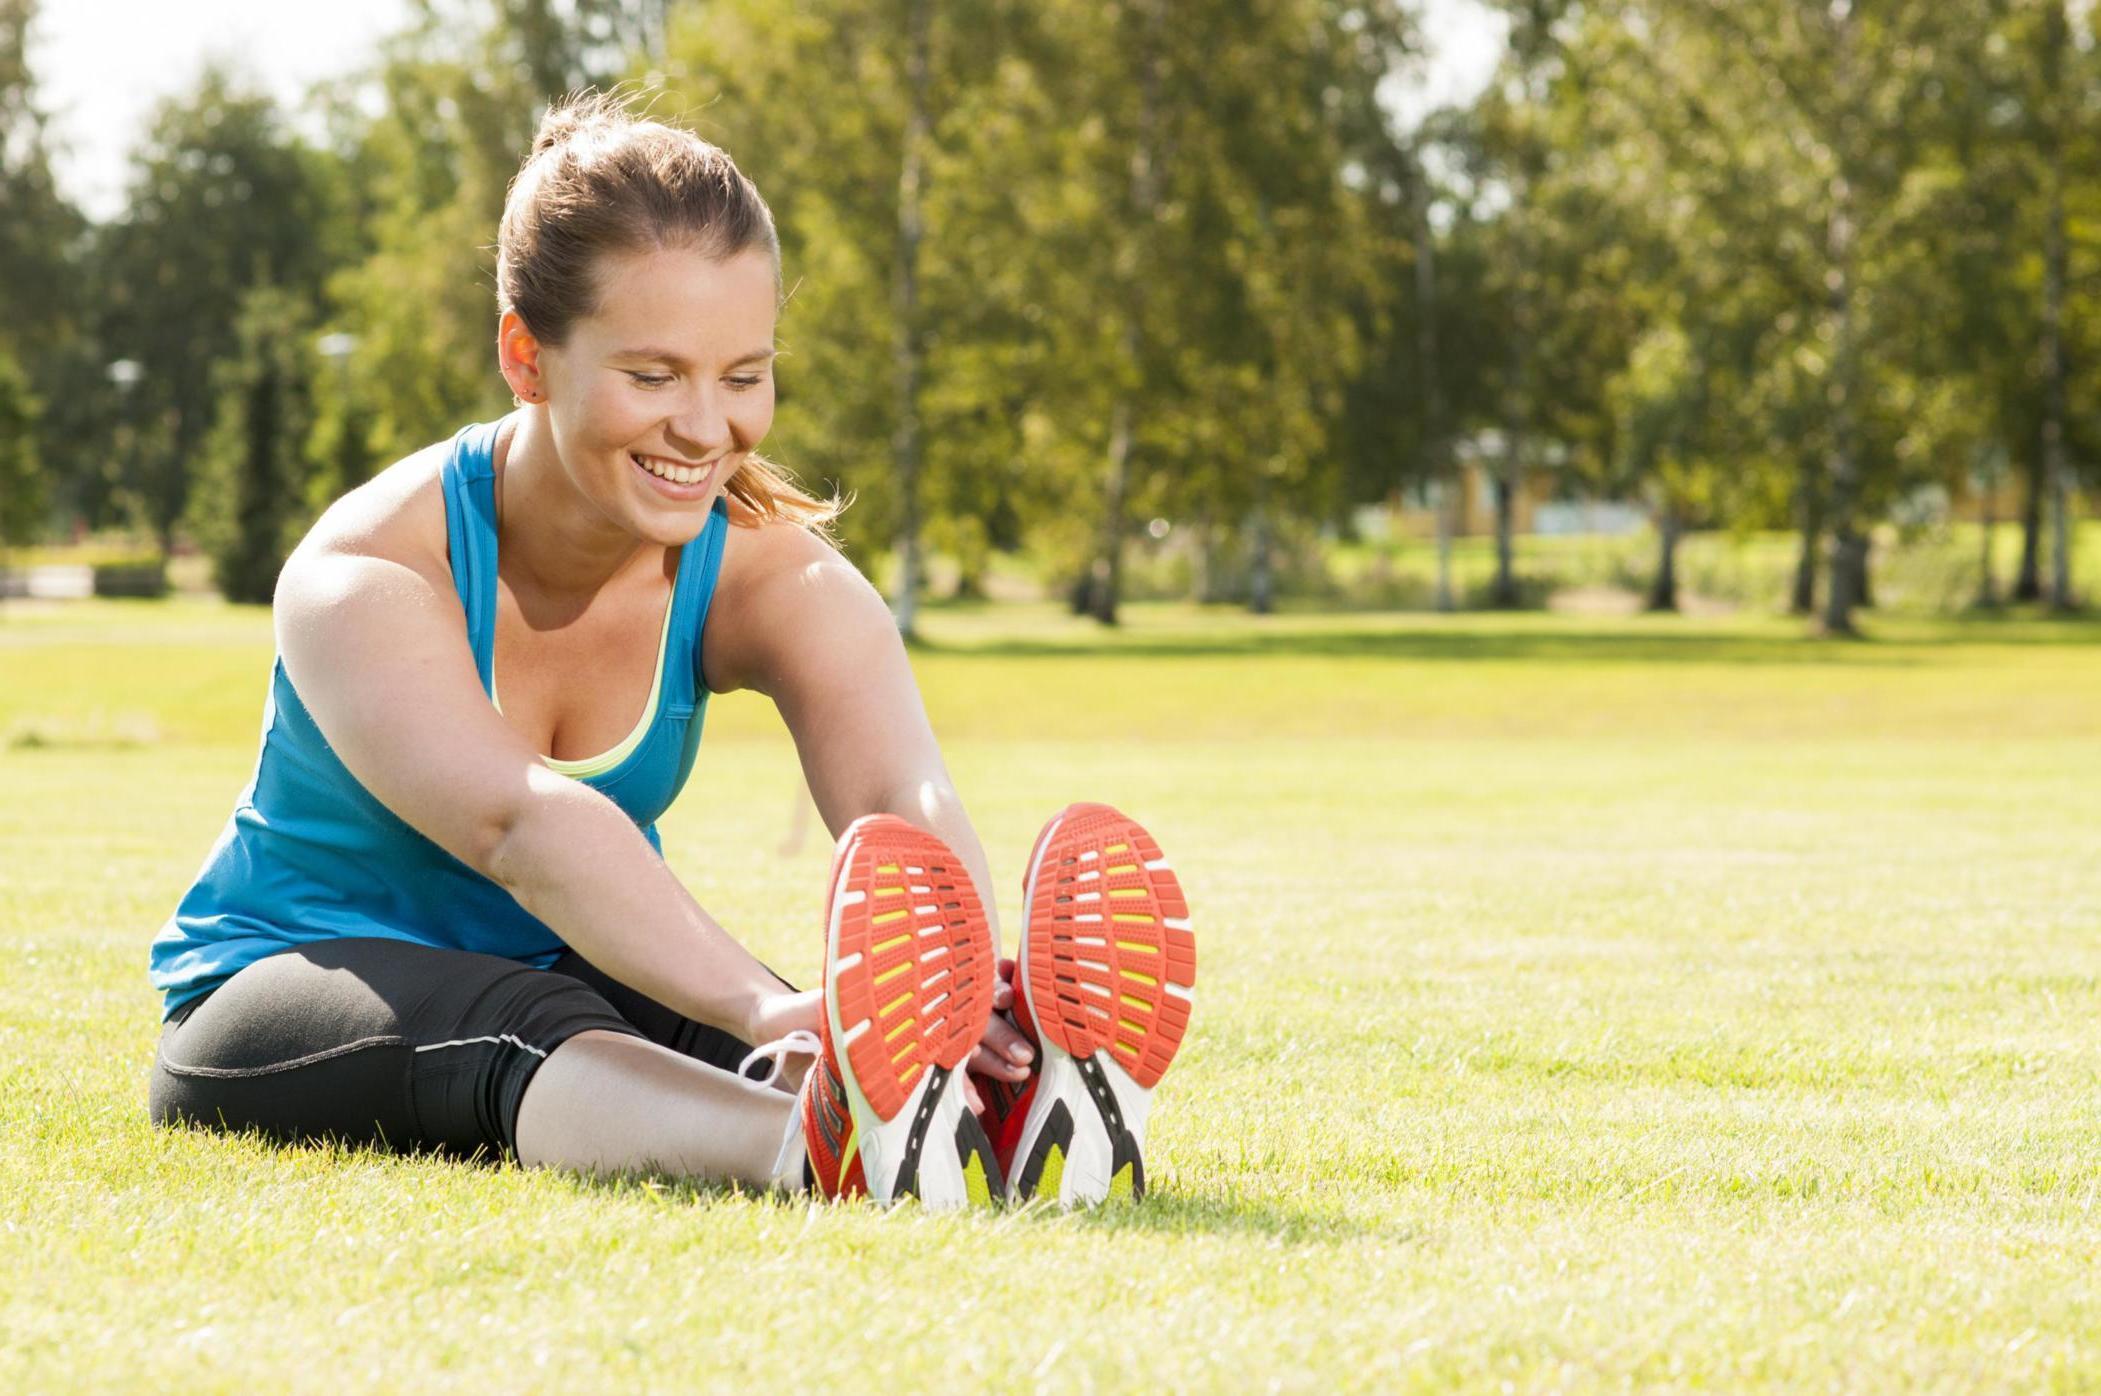 Para Fazer Exercício, É Preciso Aprender a Respirar